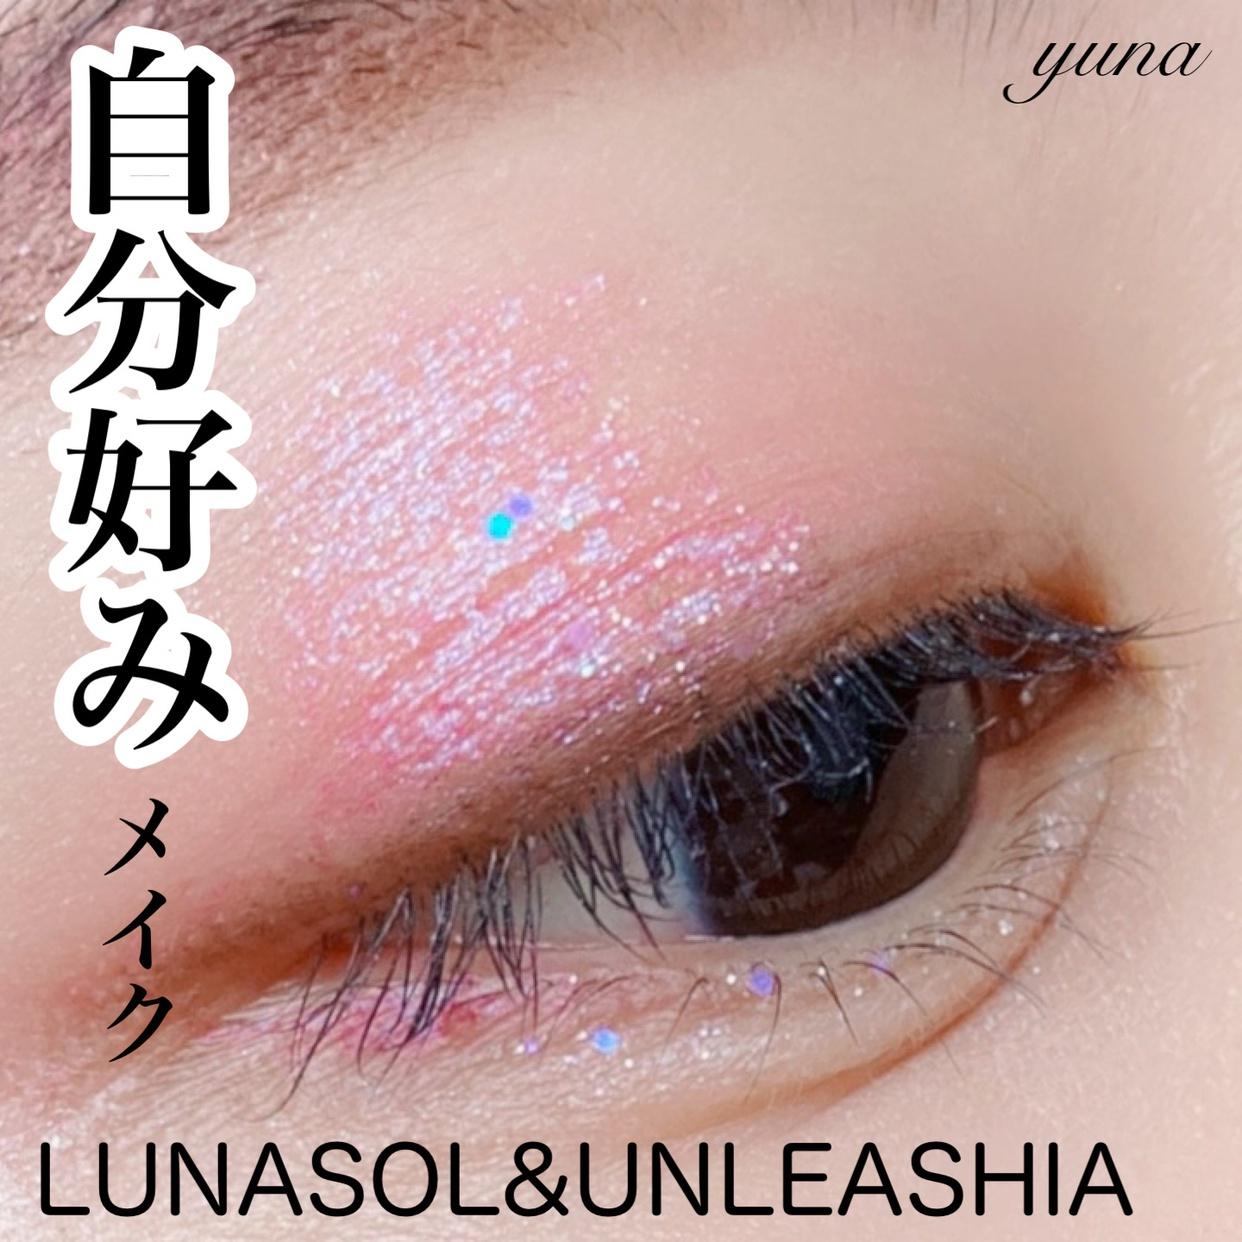 UNLEASHIA(アンリシア) ゲットルーズ グリッタージェルを使ったyunaさんのクチコミ画像1